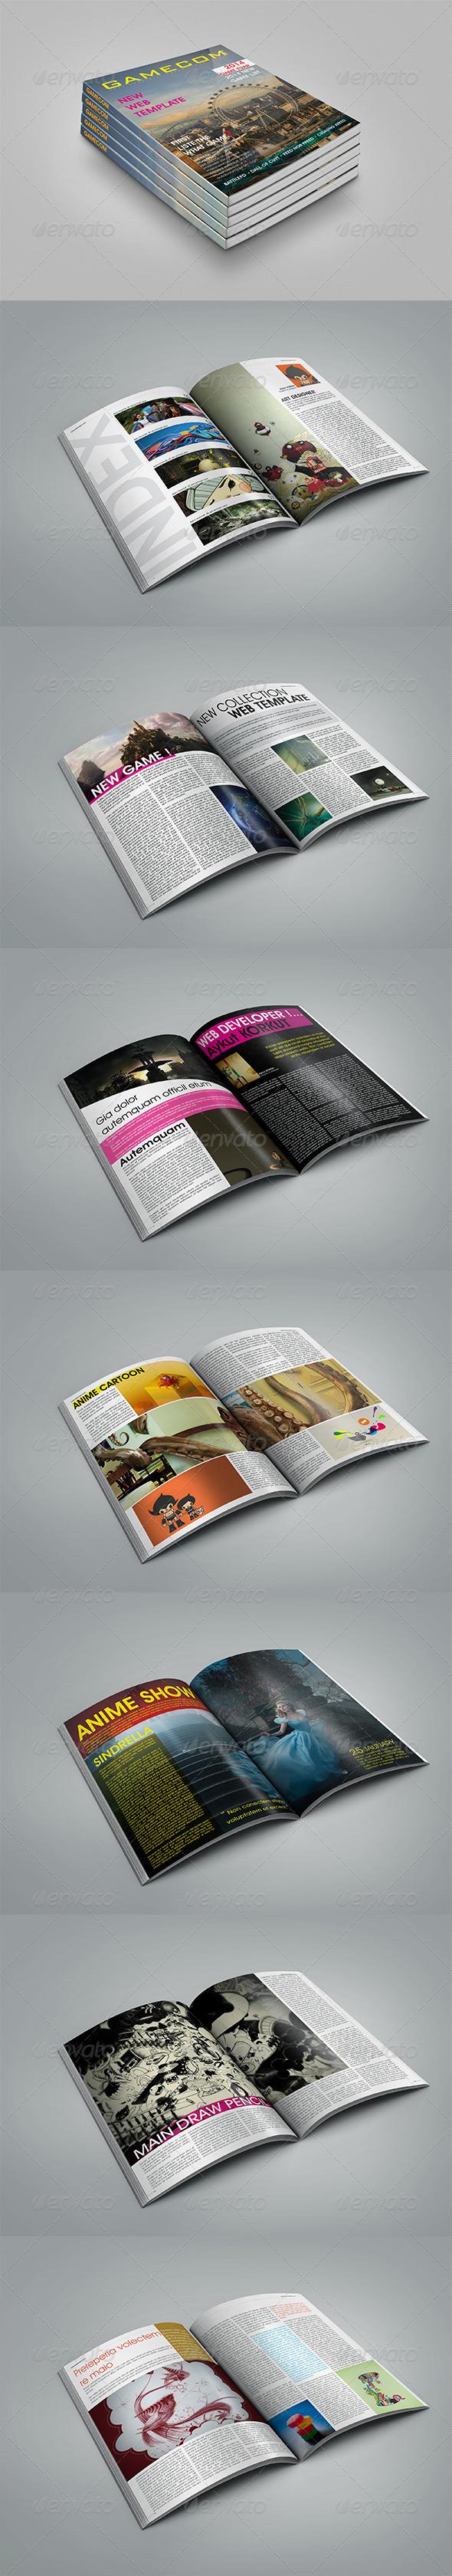 GraphicRiver Gamecom Magazine Template 6244541